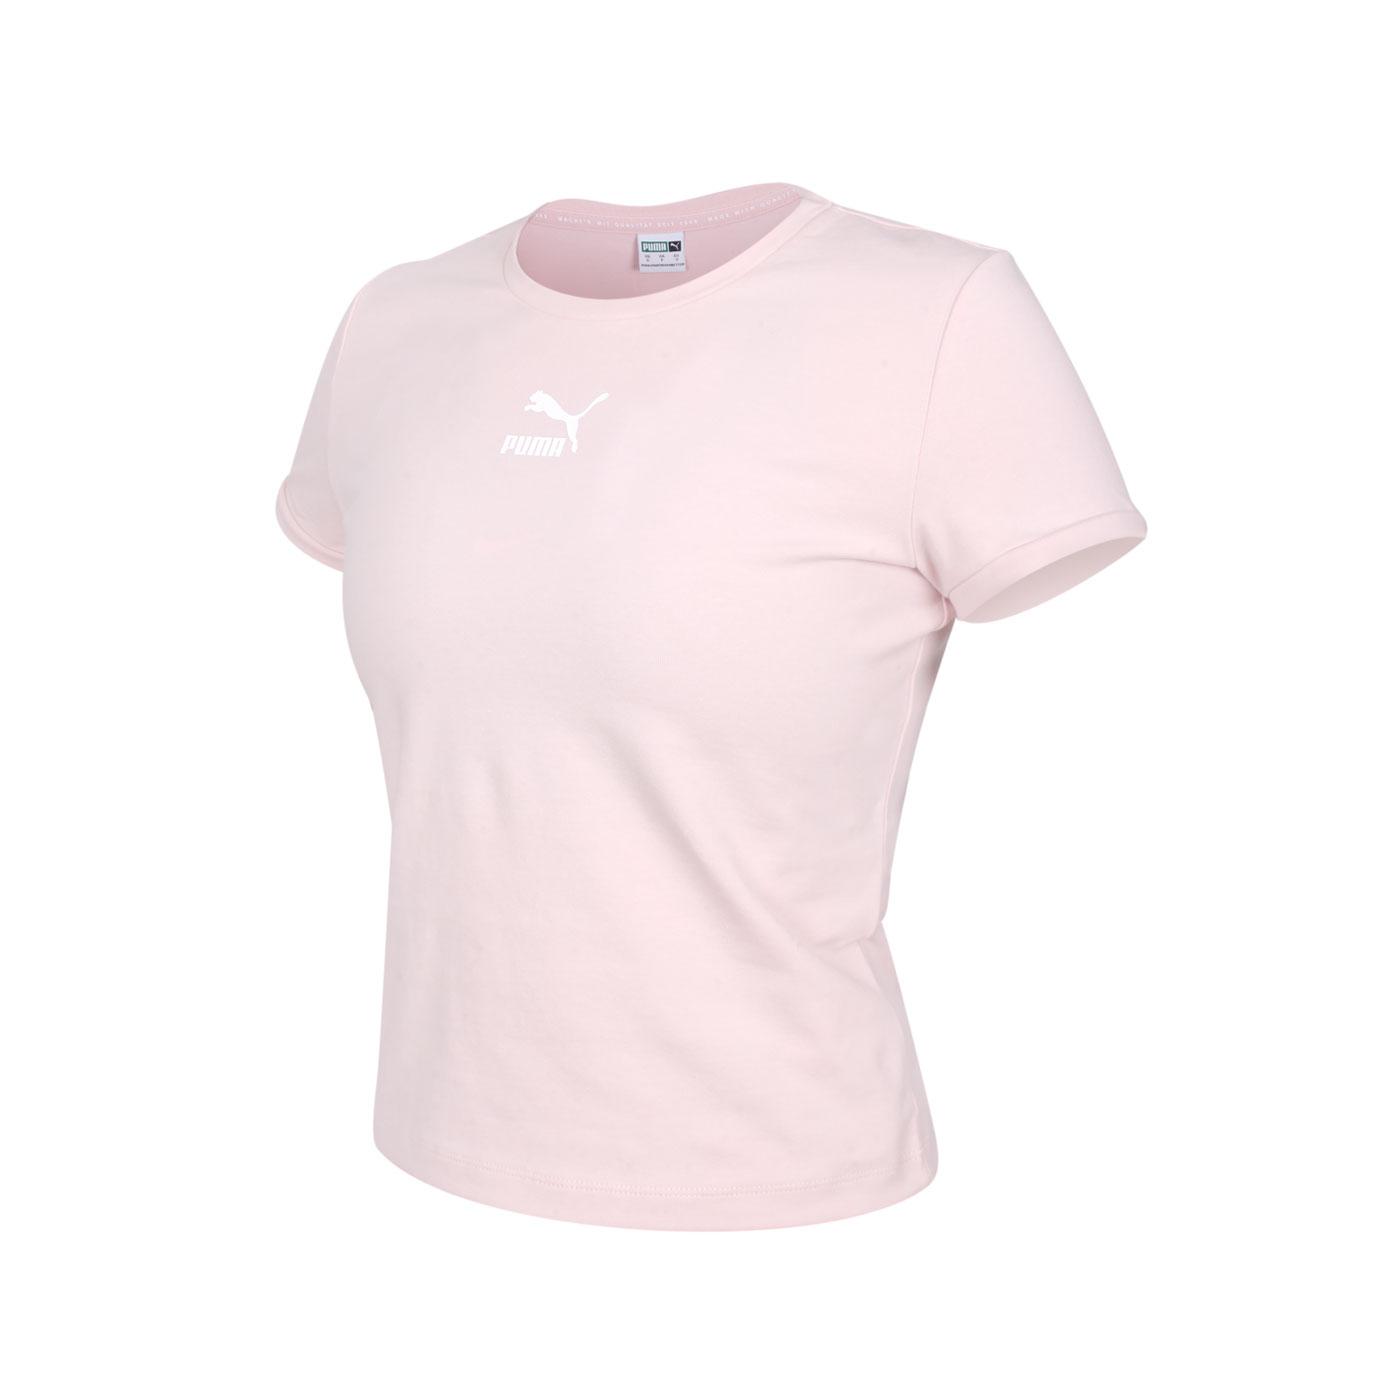 PUMA 女款流行系列Classics貼身短袖T恤 59957736 - 粉紅白